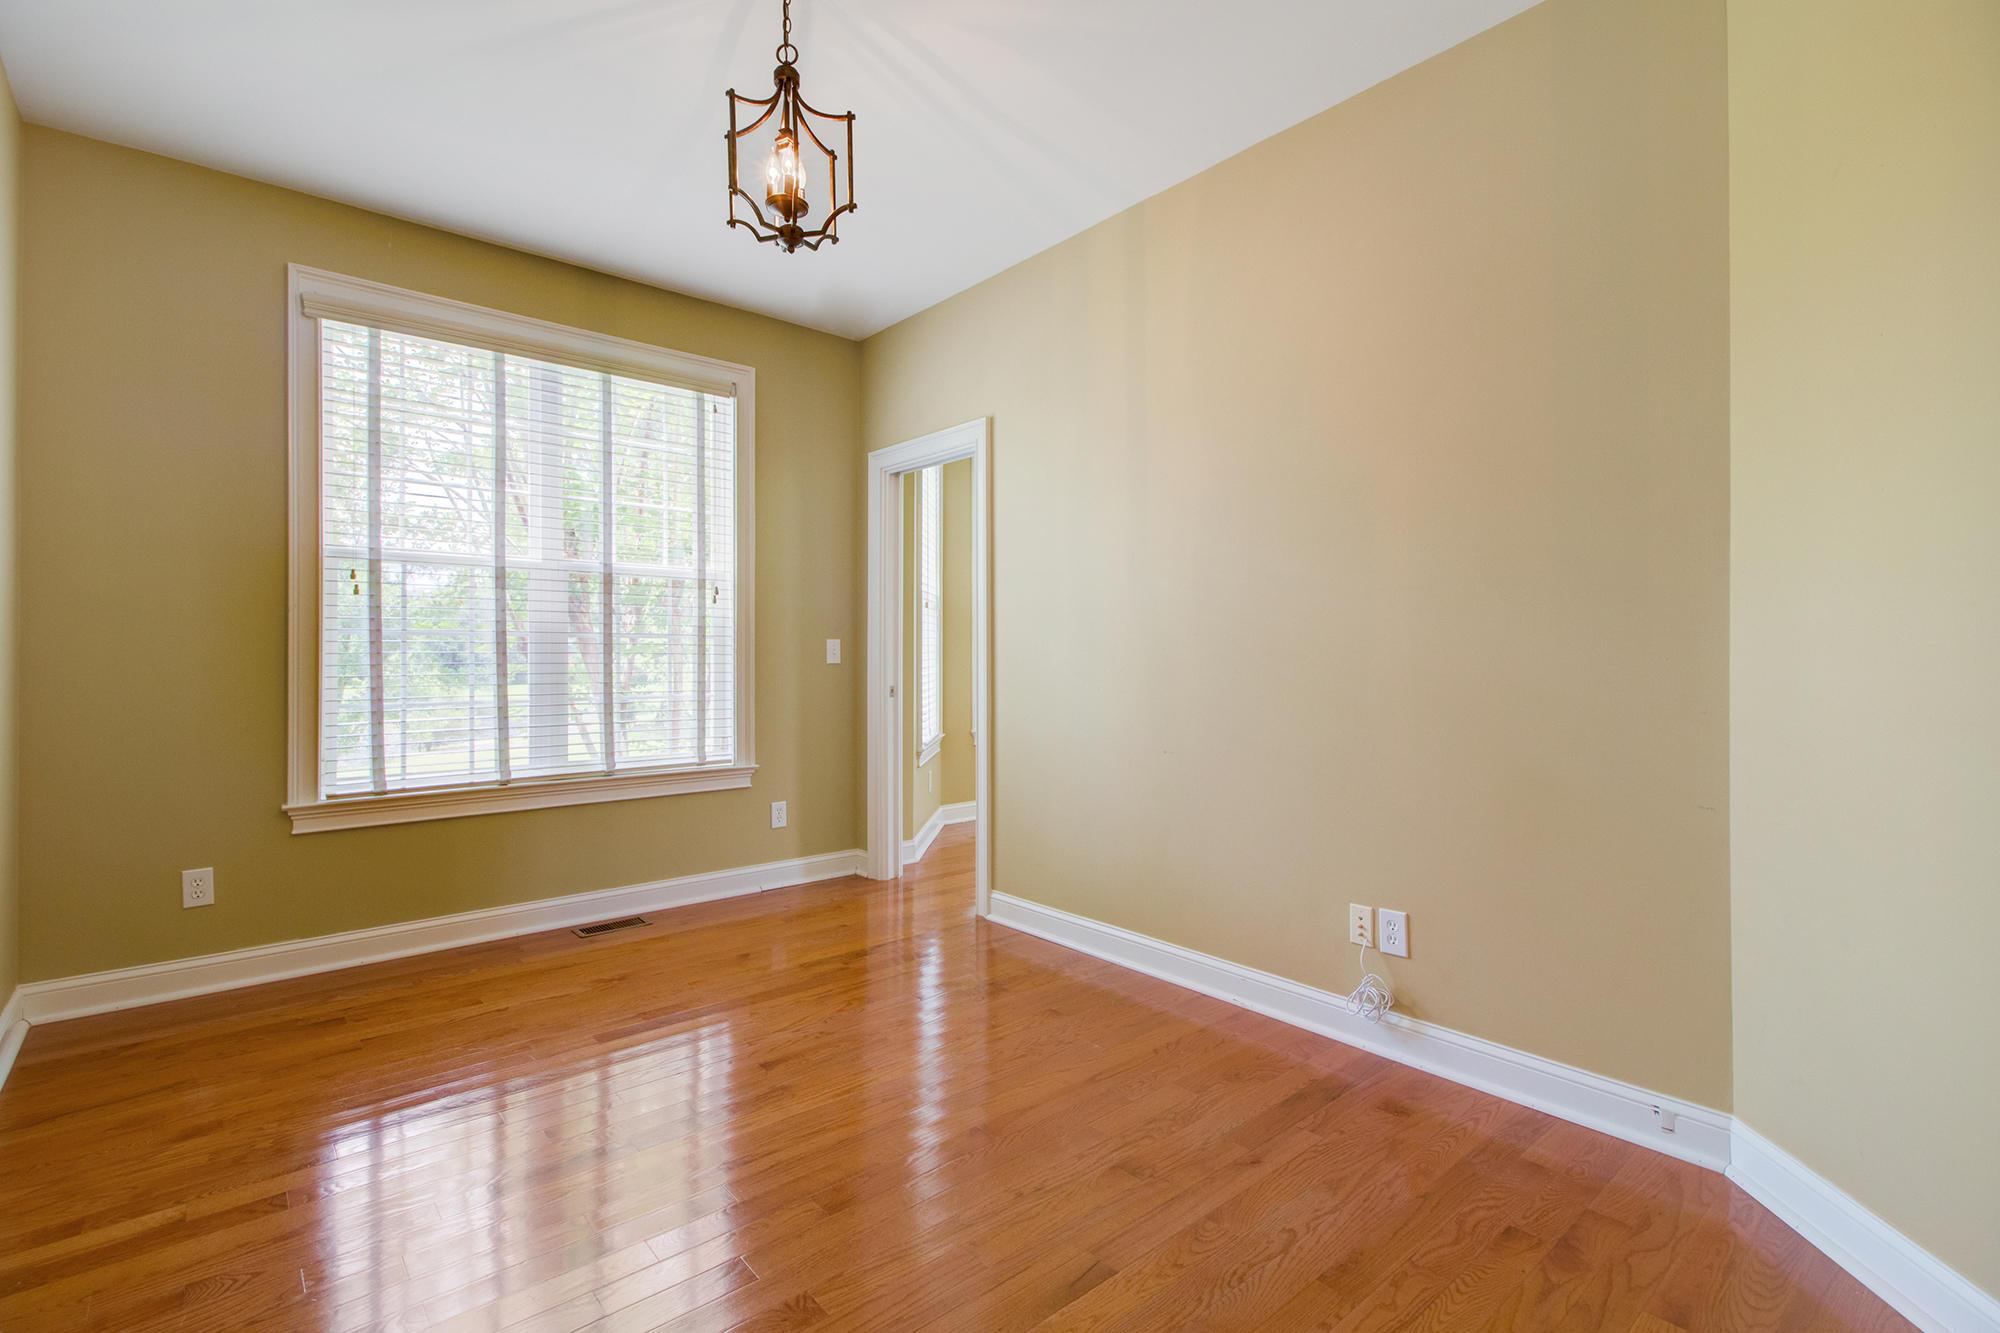 Dunes West Homes For Sale - 2817 Oak Manor, Mount Pleasant, SC - 28